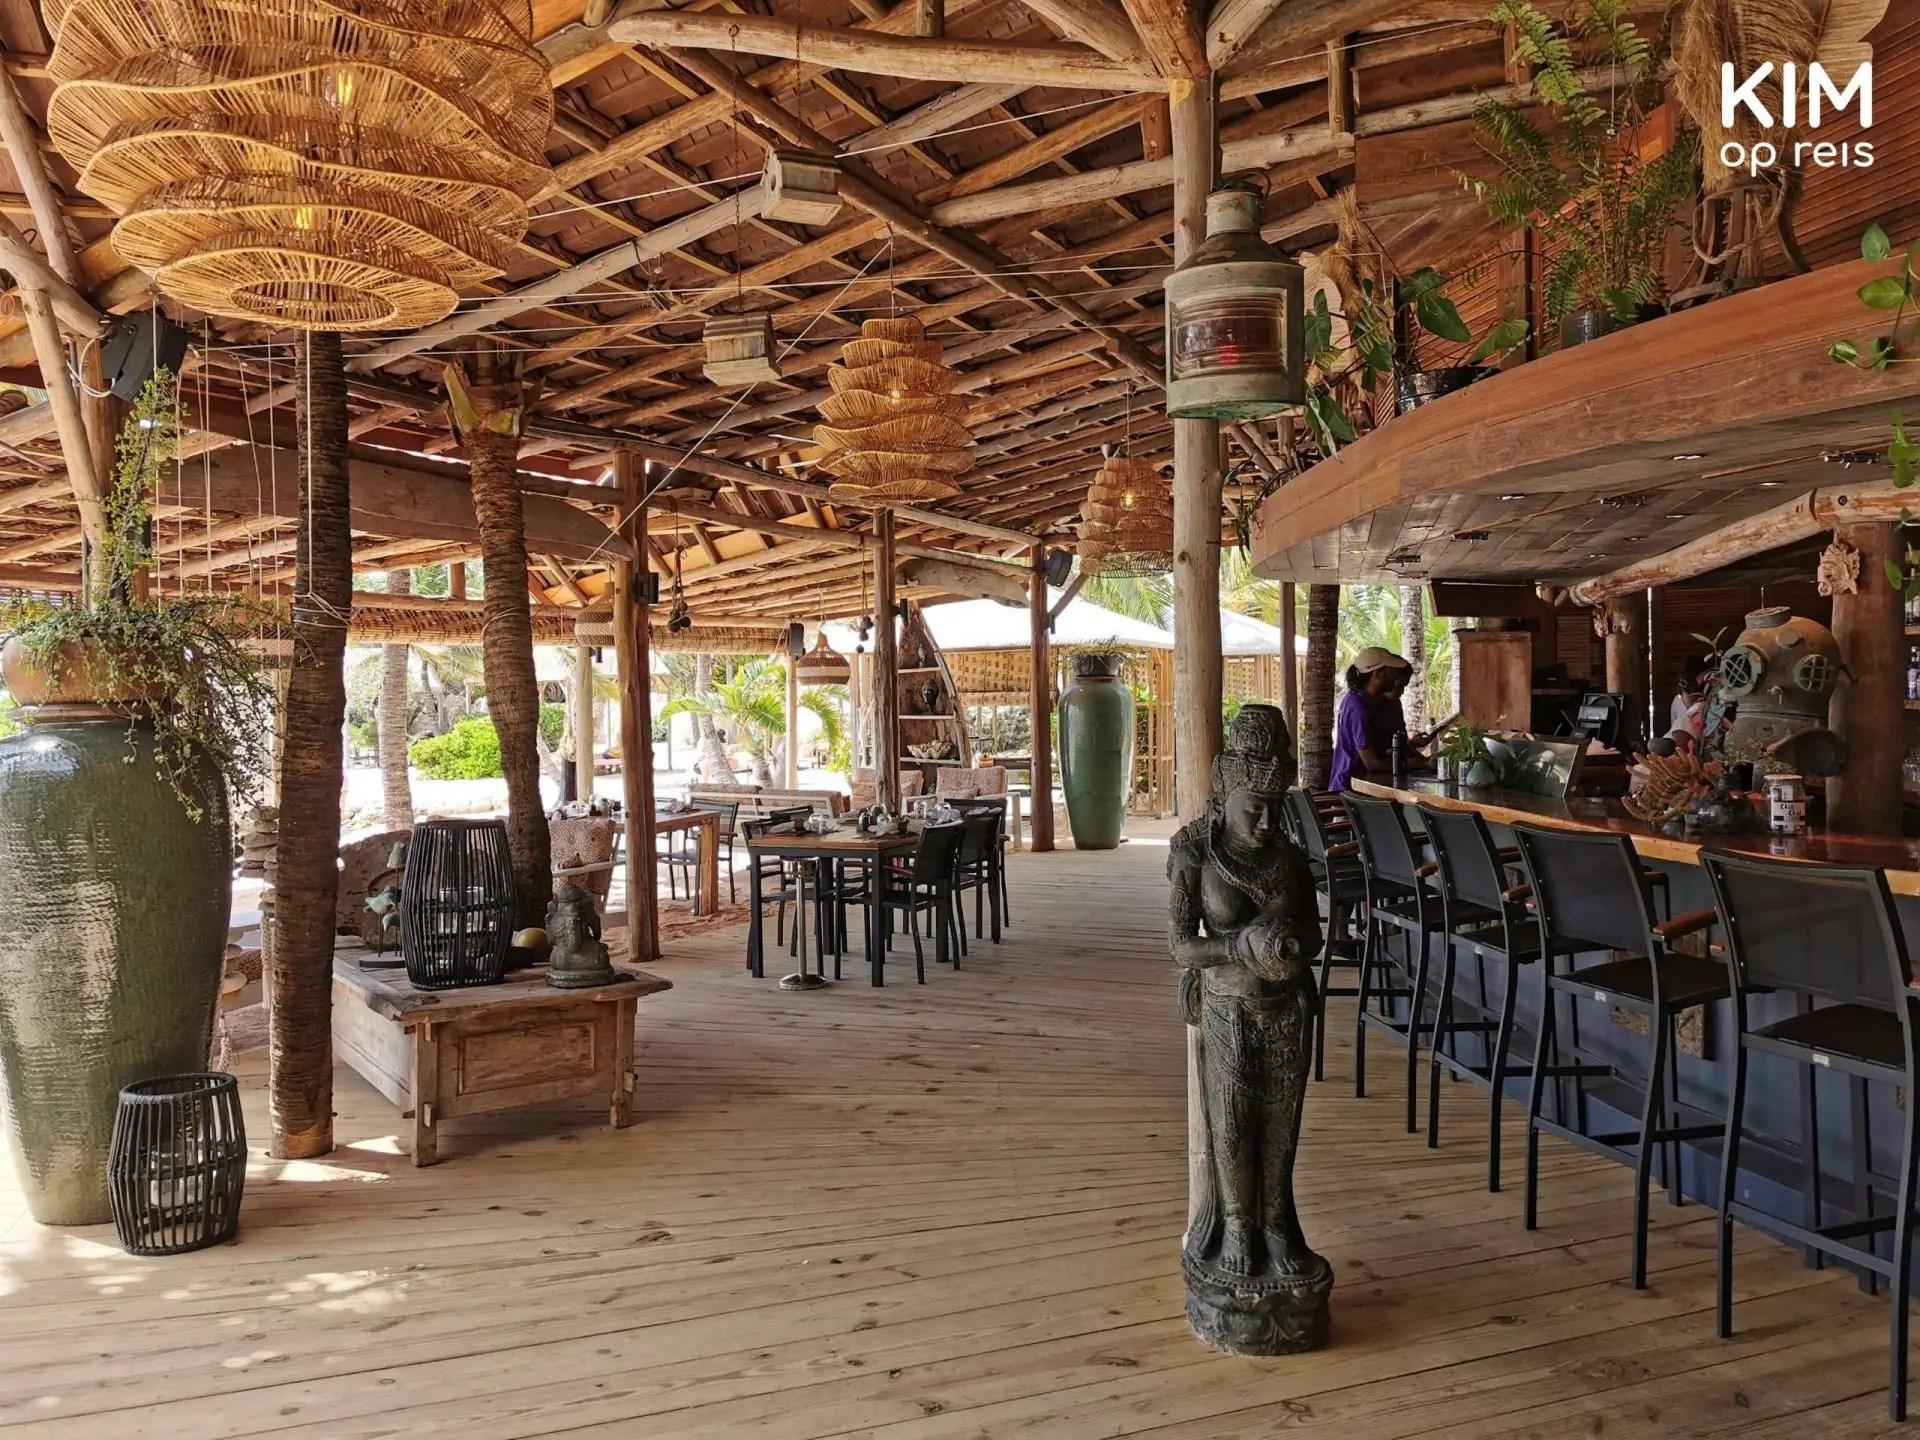 Baoase interior Curaçao: barsection Baoase